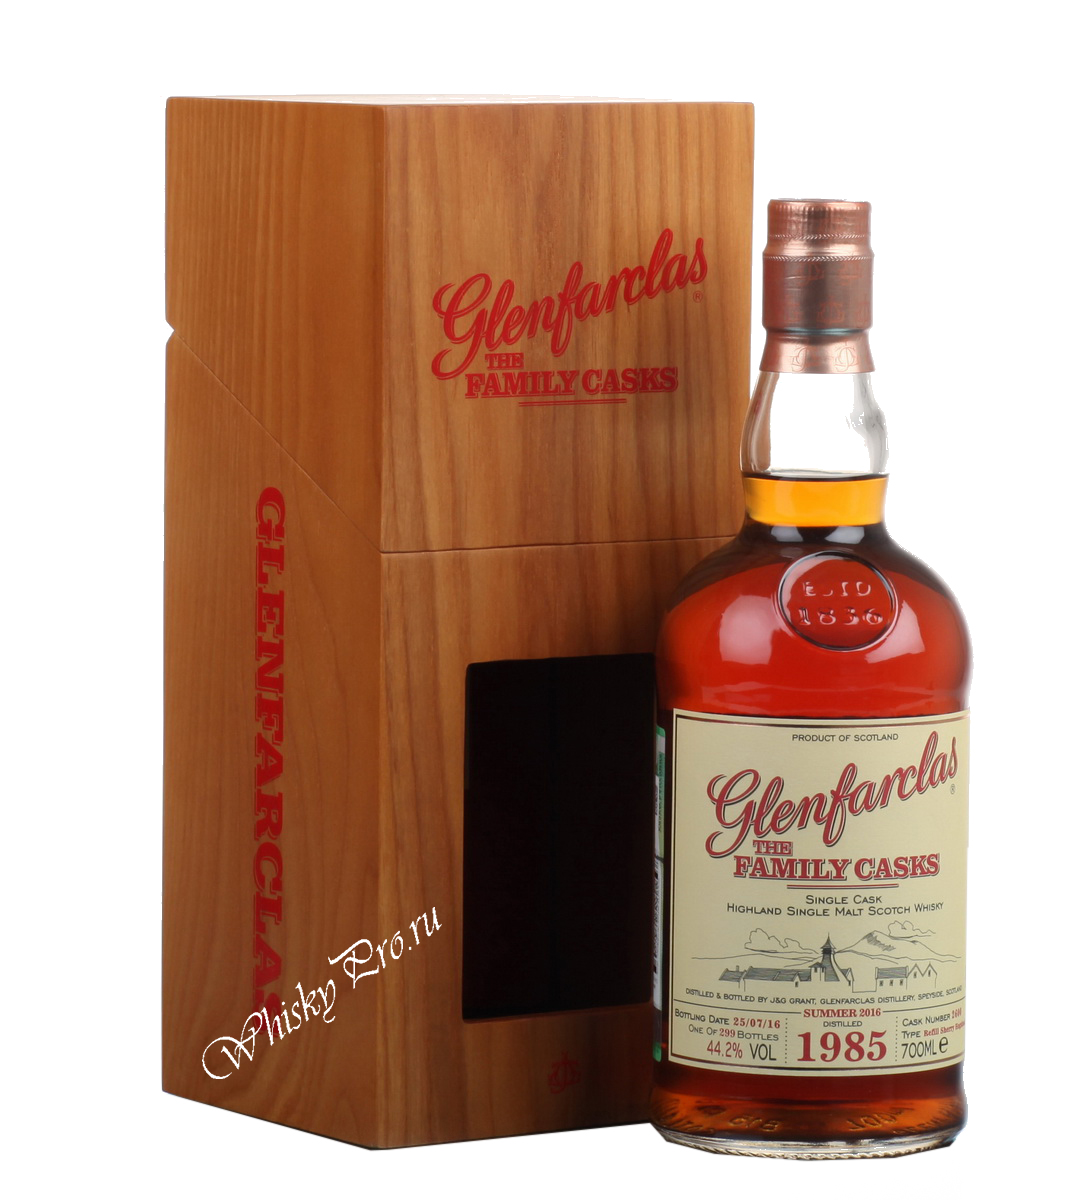 Виски Гленфарклас Фэмэли Каскс 1991 г Шотландский виски Glenfarclas Family Casks 1991